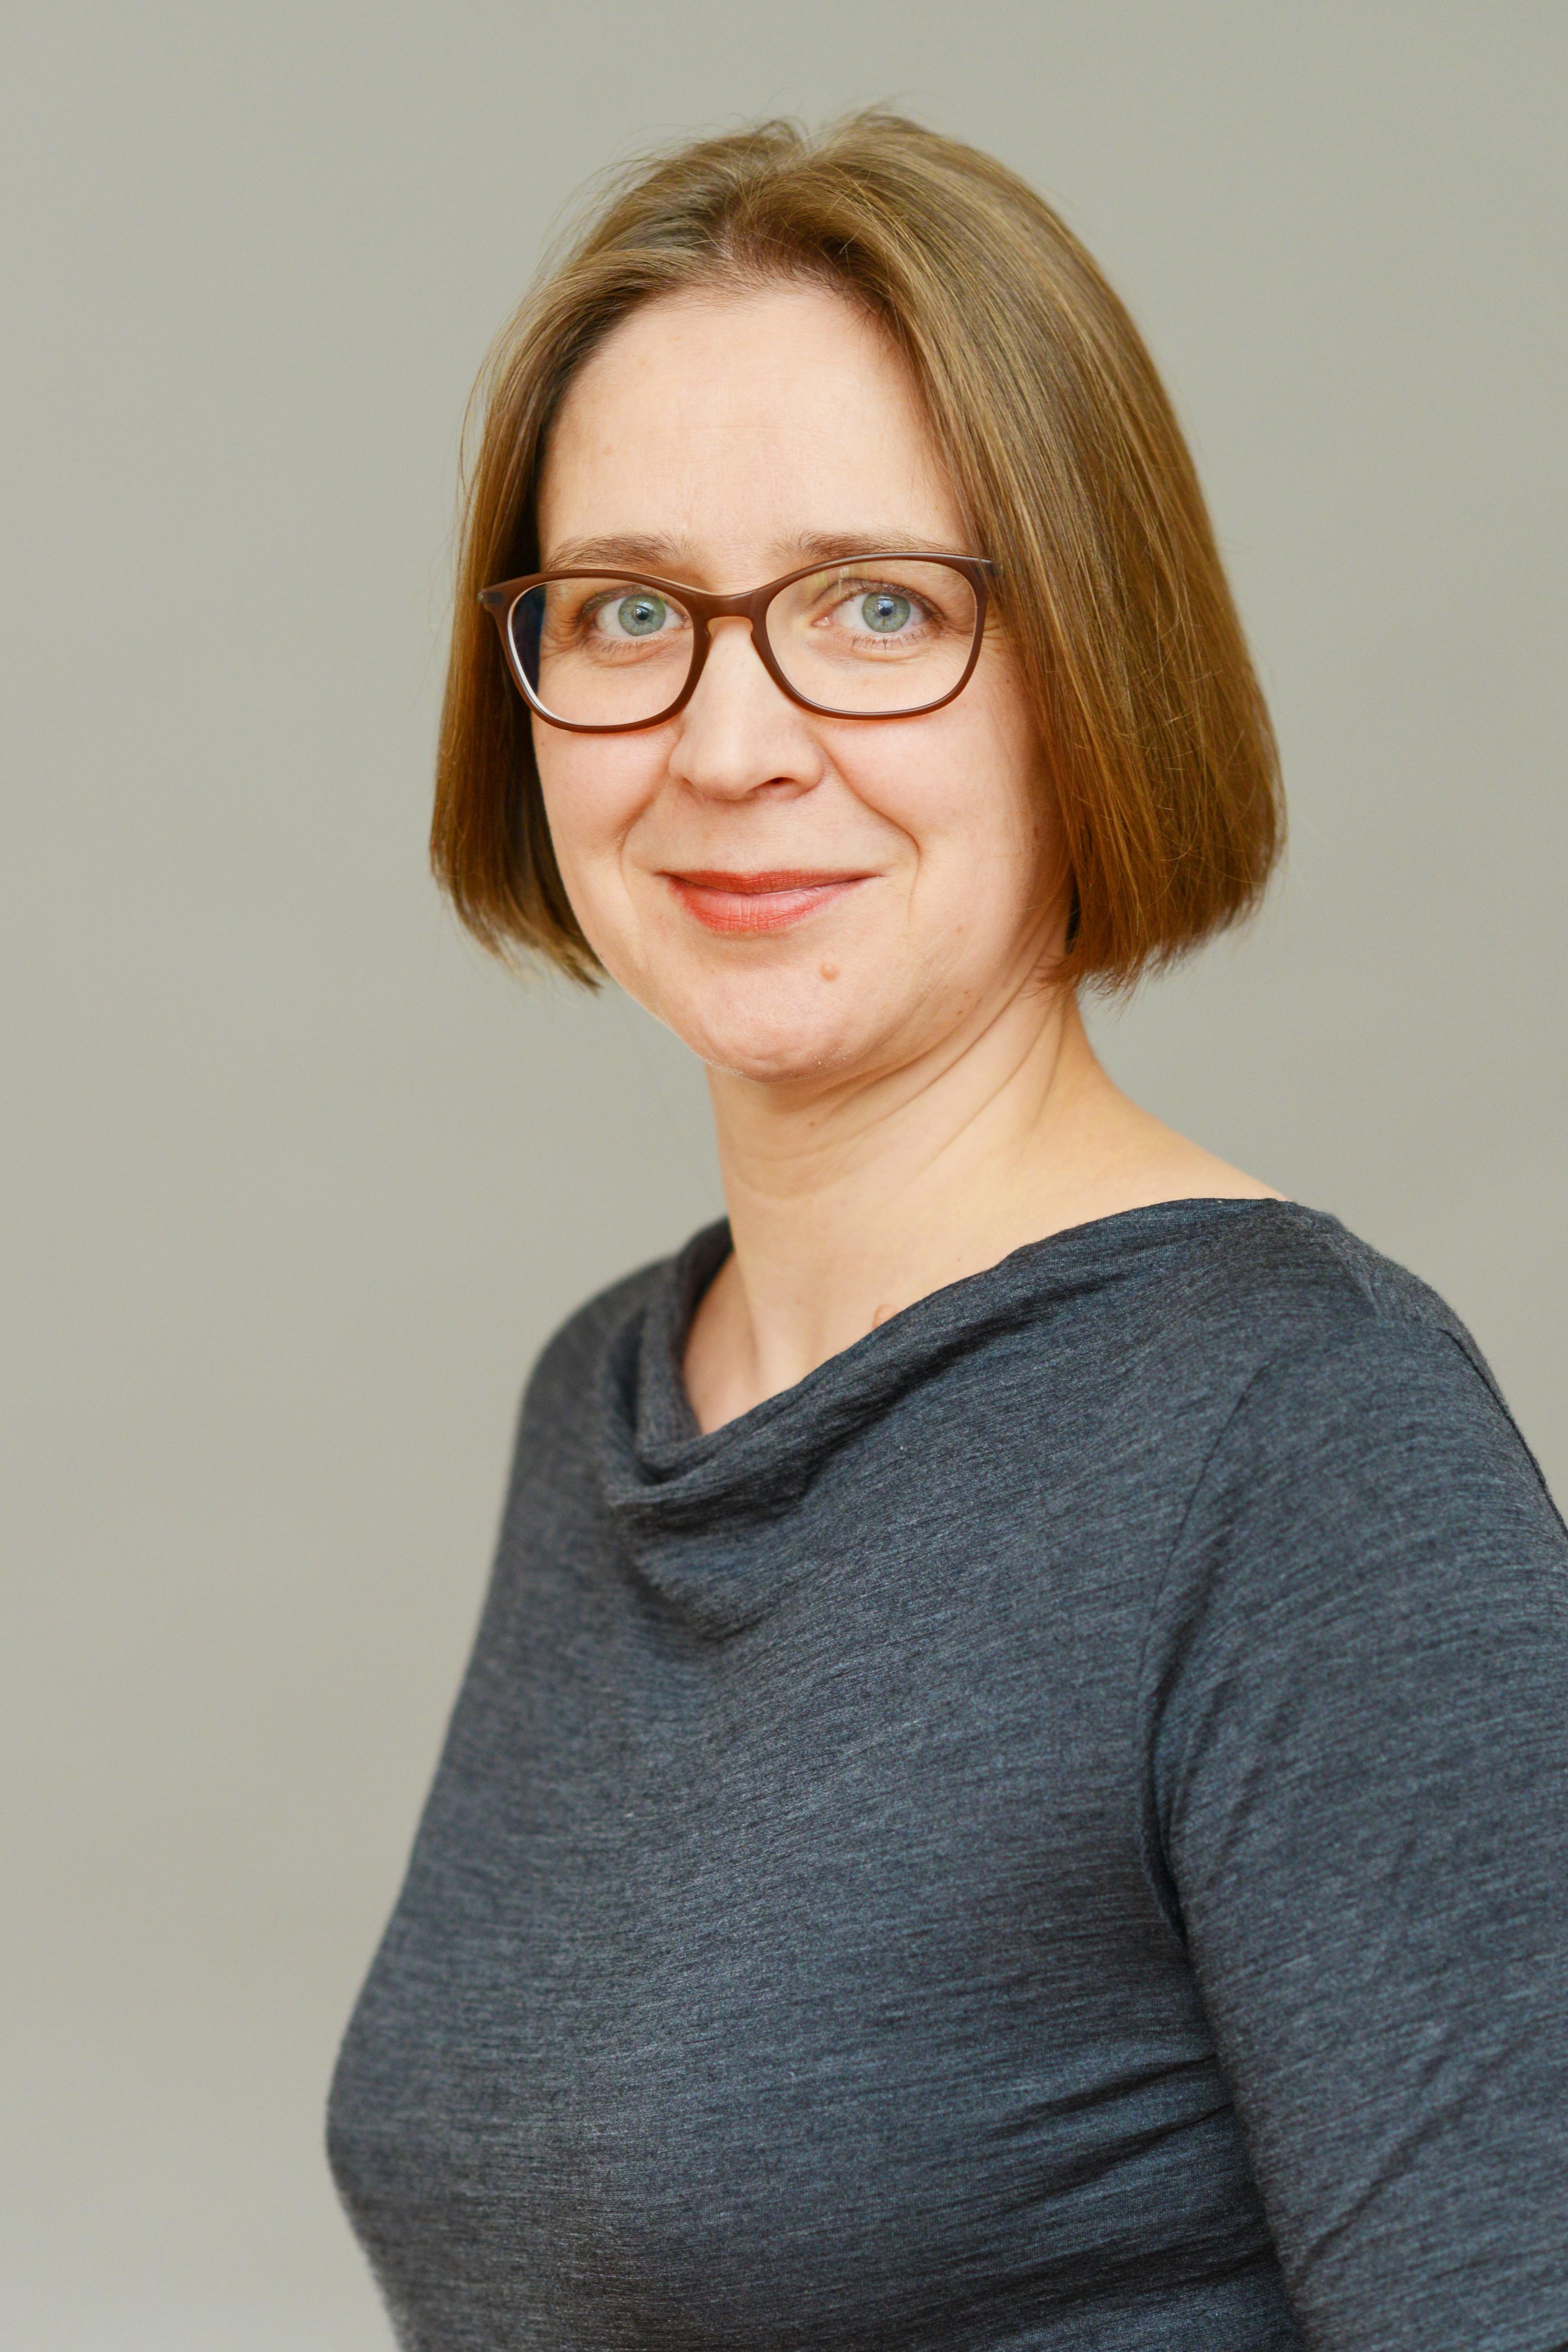 Kati Hannken-Illjes